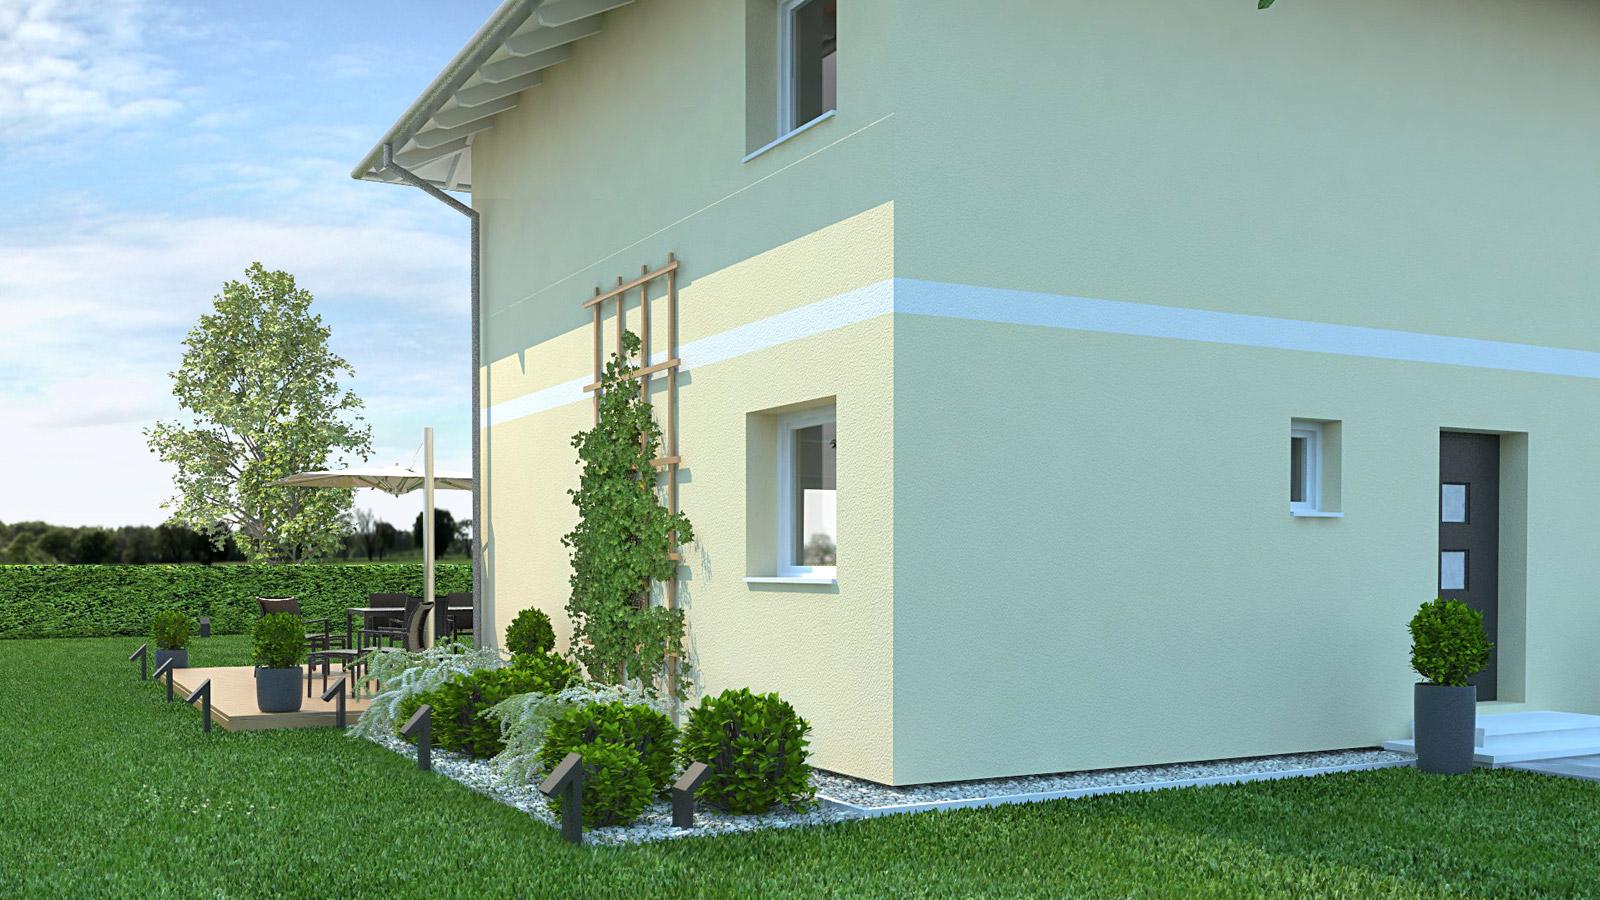 http://www.dasloewenhaus.at/wp-content/uploads/2017/02/Loewenhaus_Yellow_Detailansicht_Walmdach_Haus-gelb.jpg